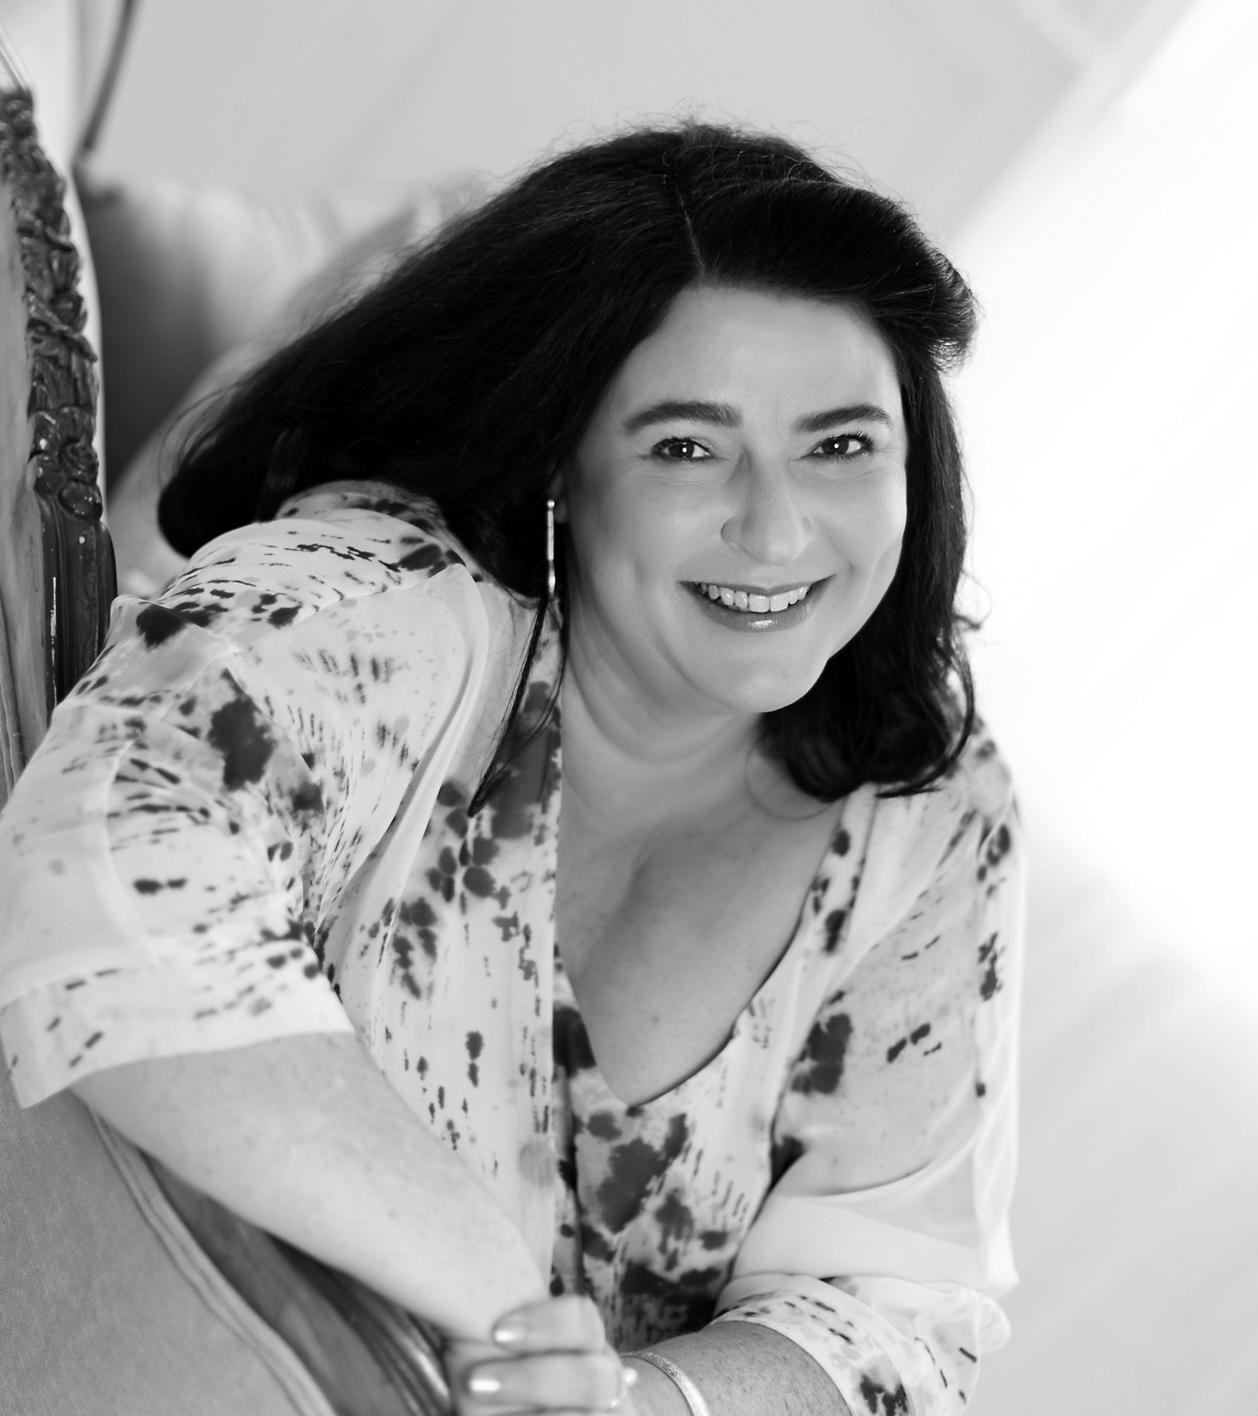 Deirbhile Ní Bhrolcháin profile picture